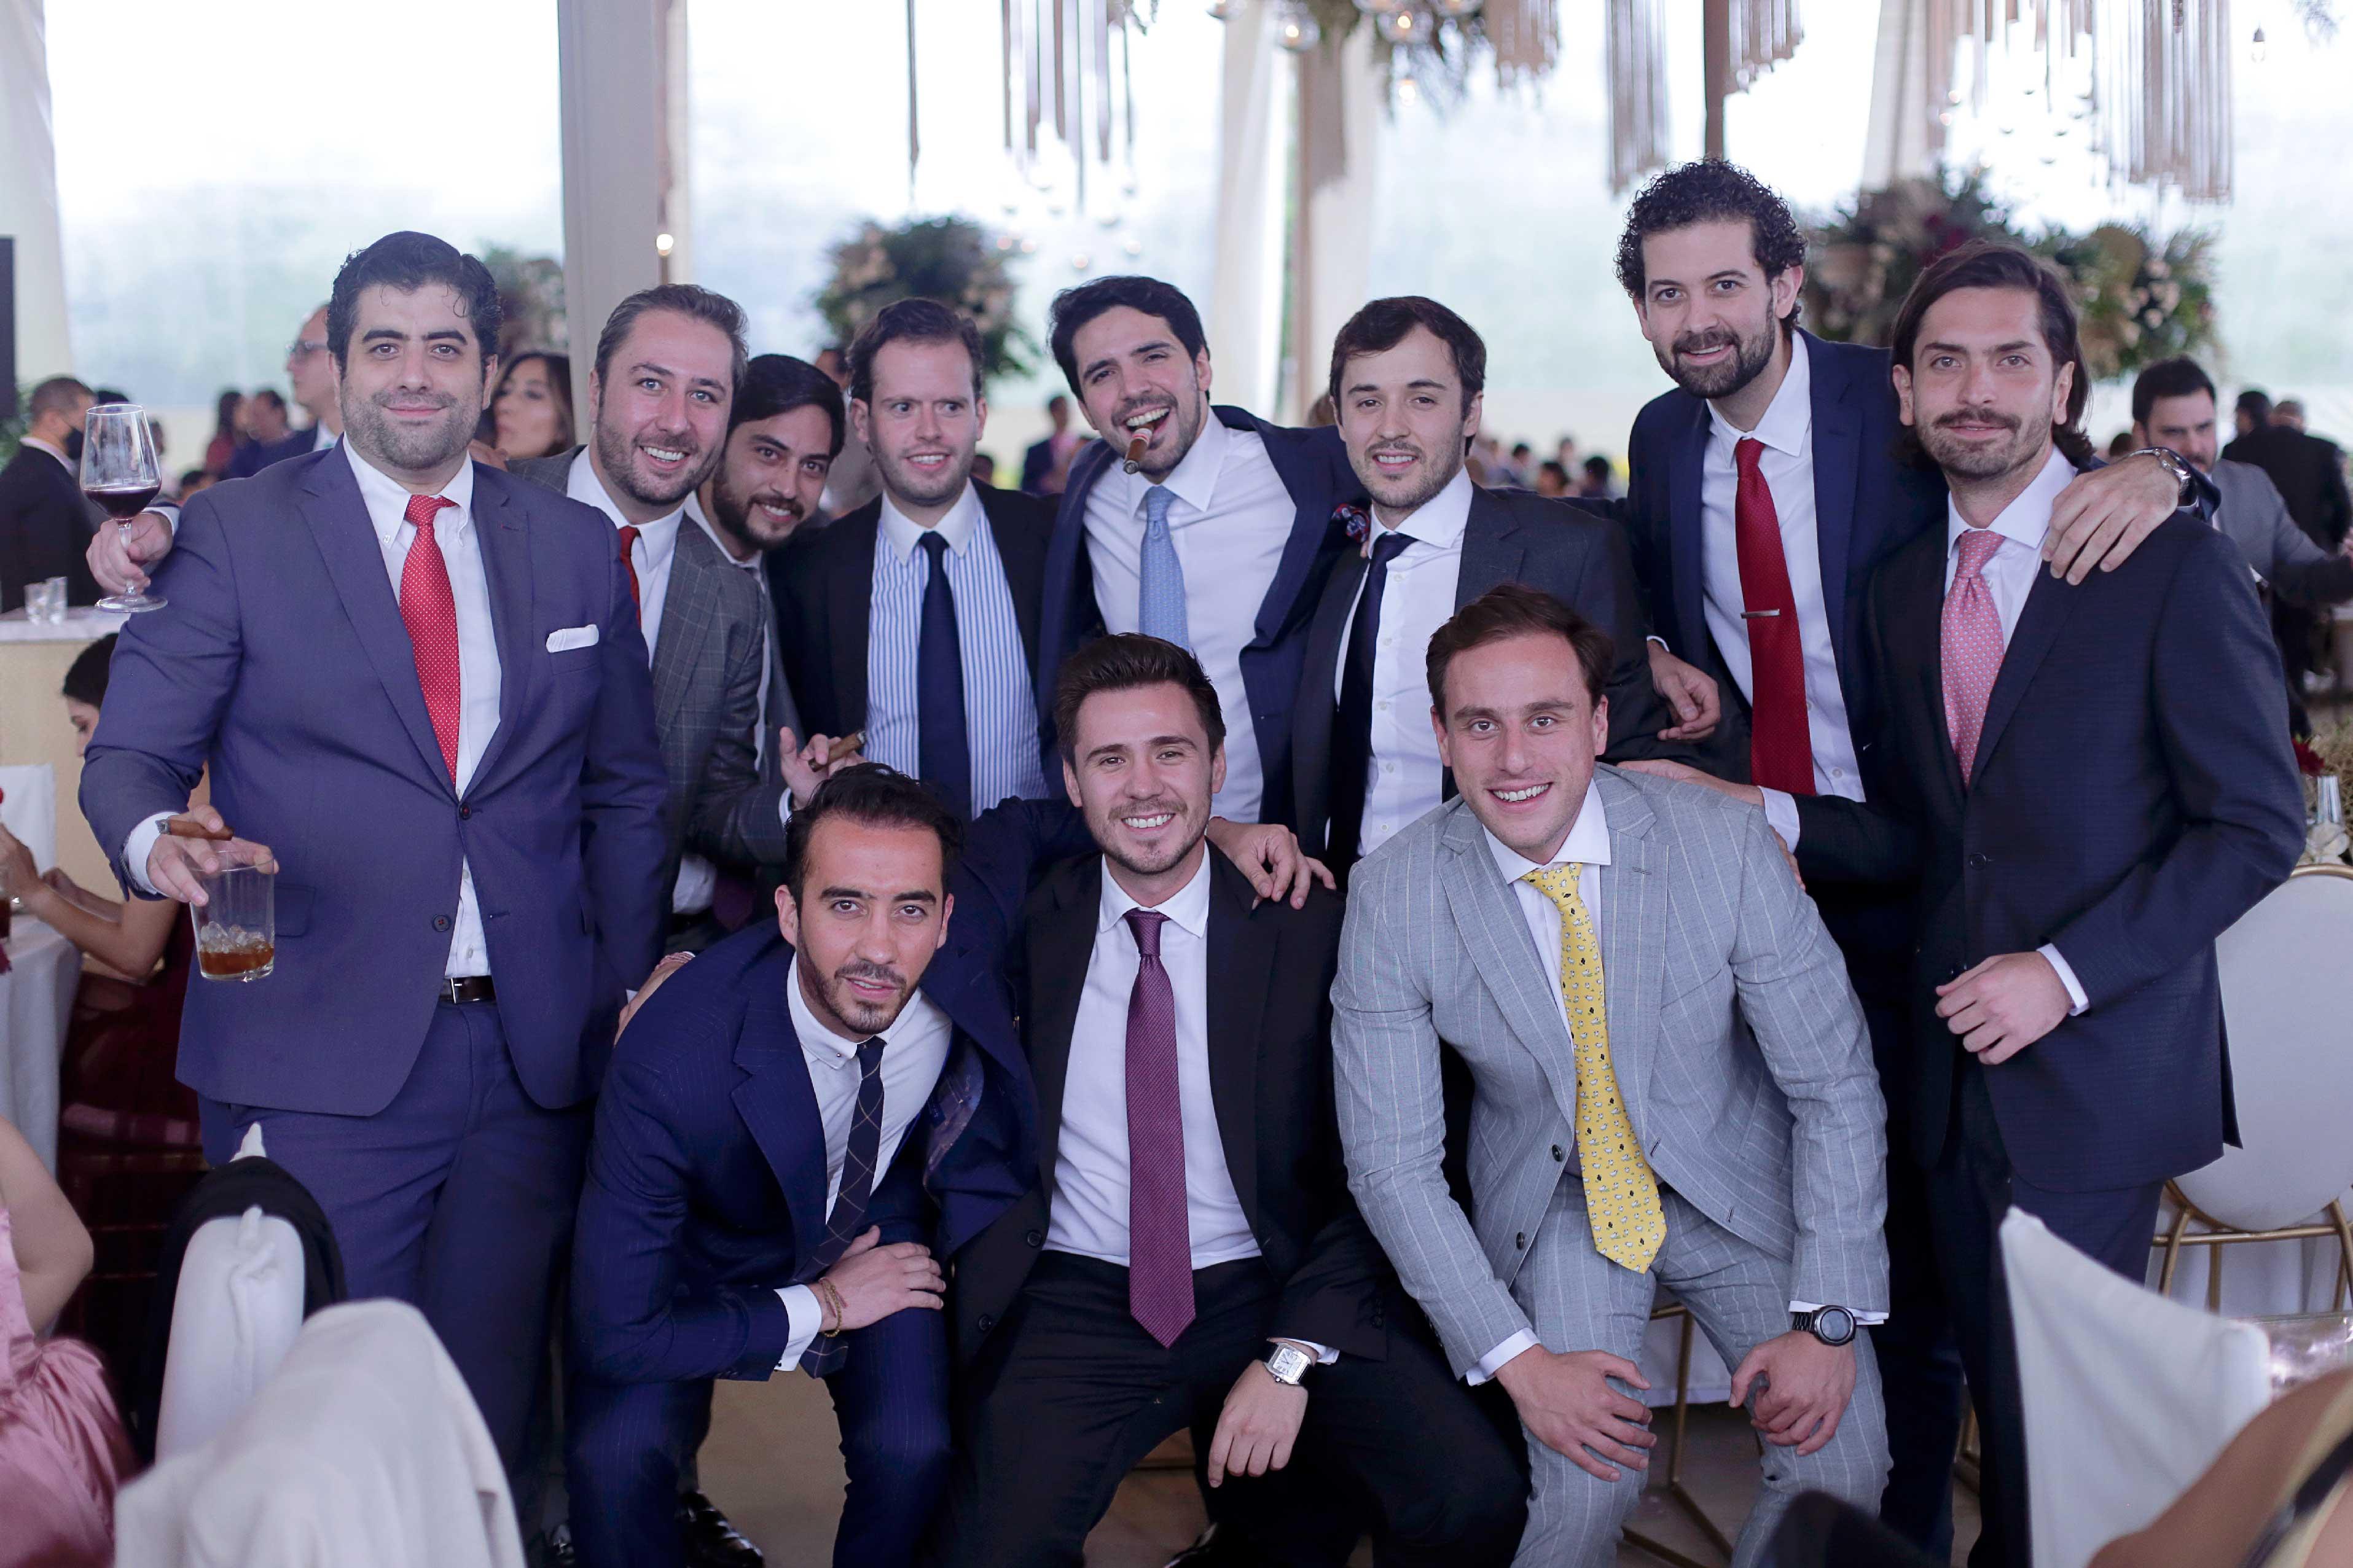 MARCO-MORENO---José-Antonio,-Victor,-Kholer,-Reyes,-Arturo,-Ferrán,-Rodrigo,-Luis,-Santiago,-Memo,-Beto